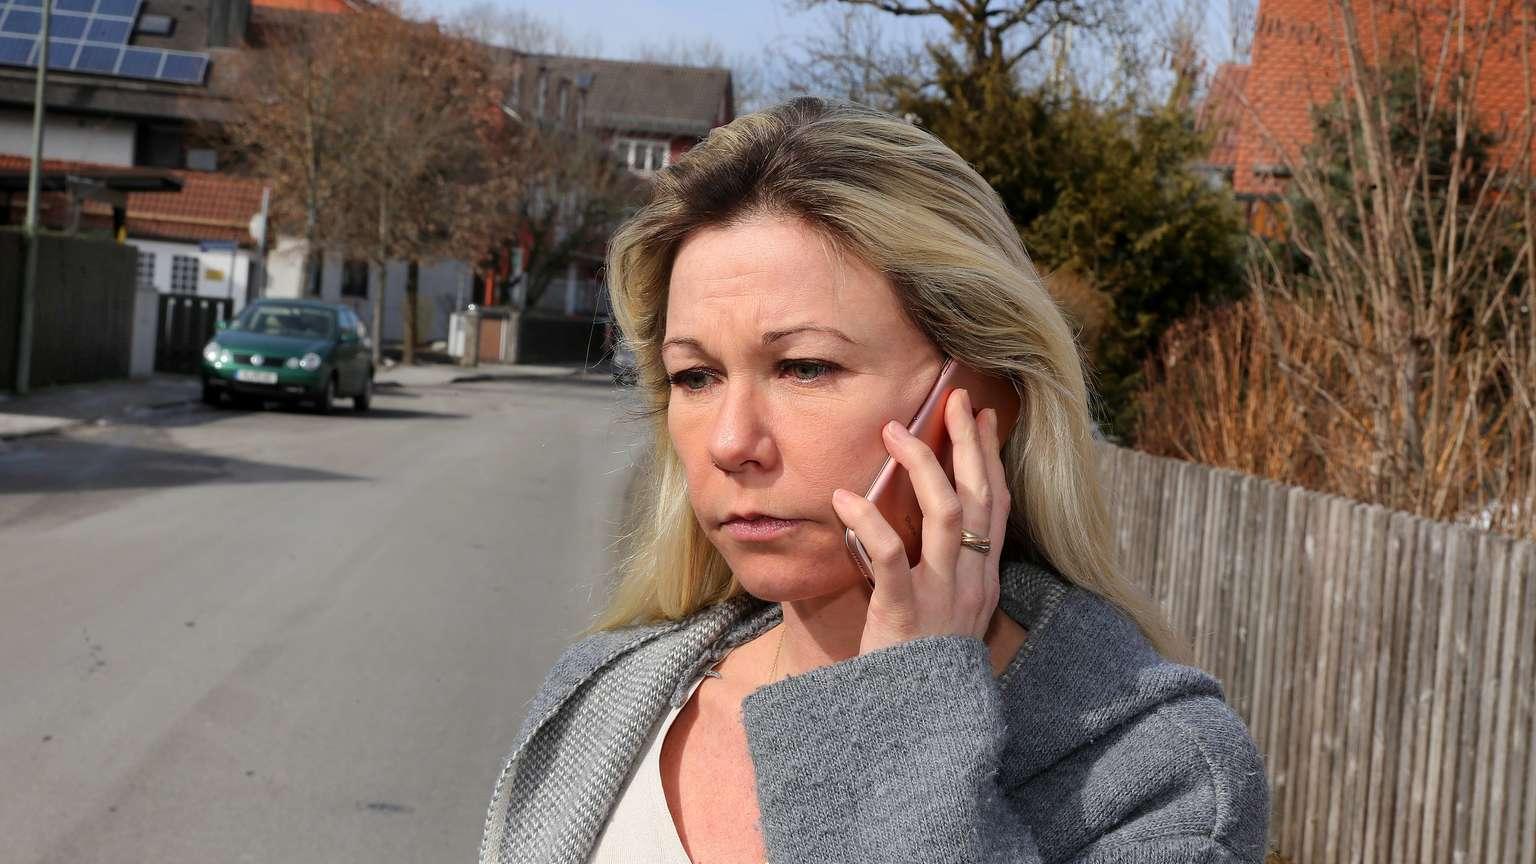 """Vaterstettenerin brutal überfallen: """"Ich habe gespürt, dass es passieren wird"""""""